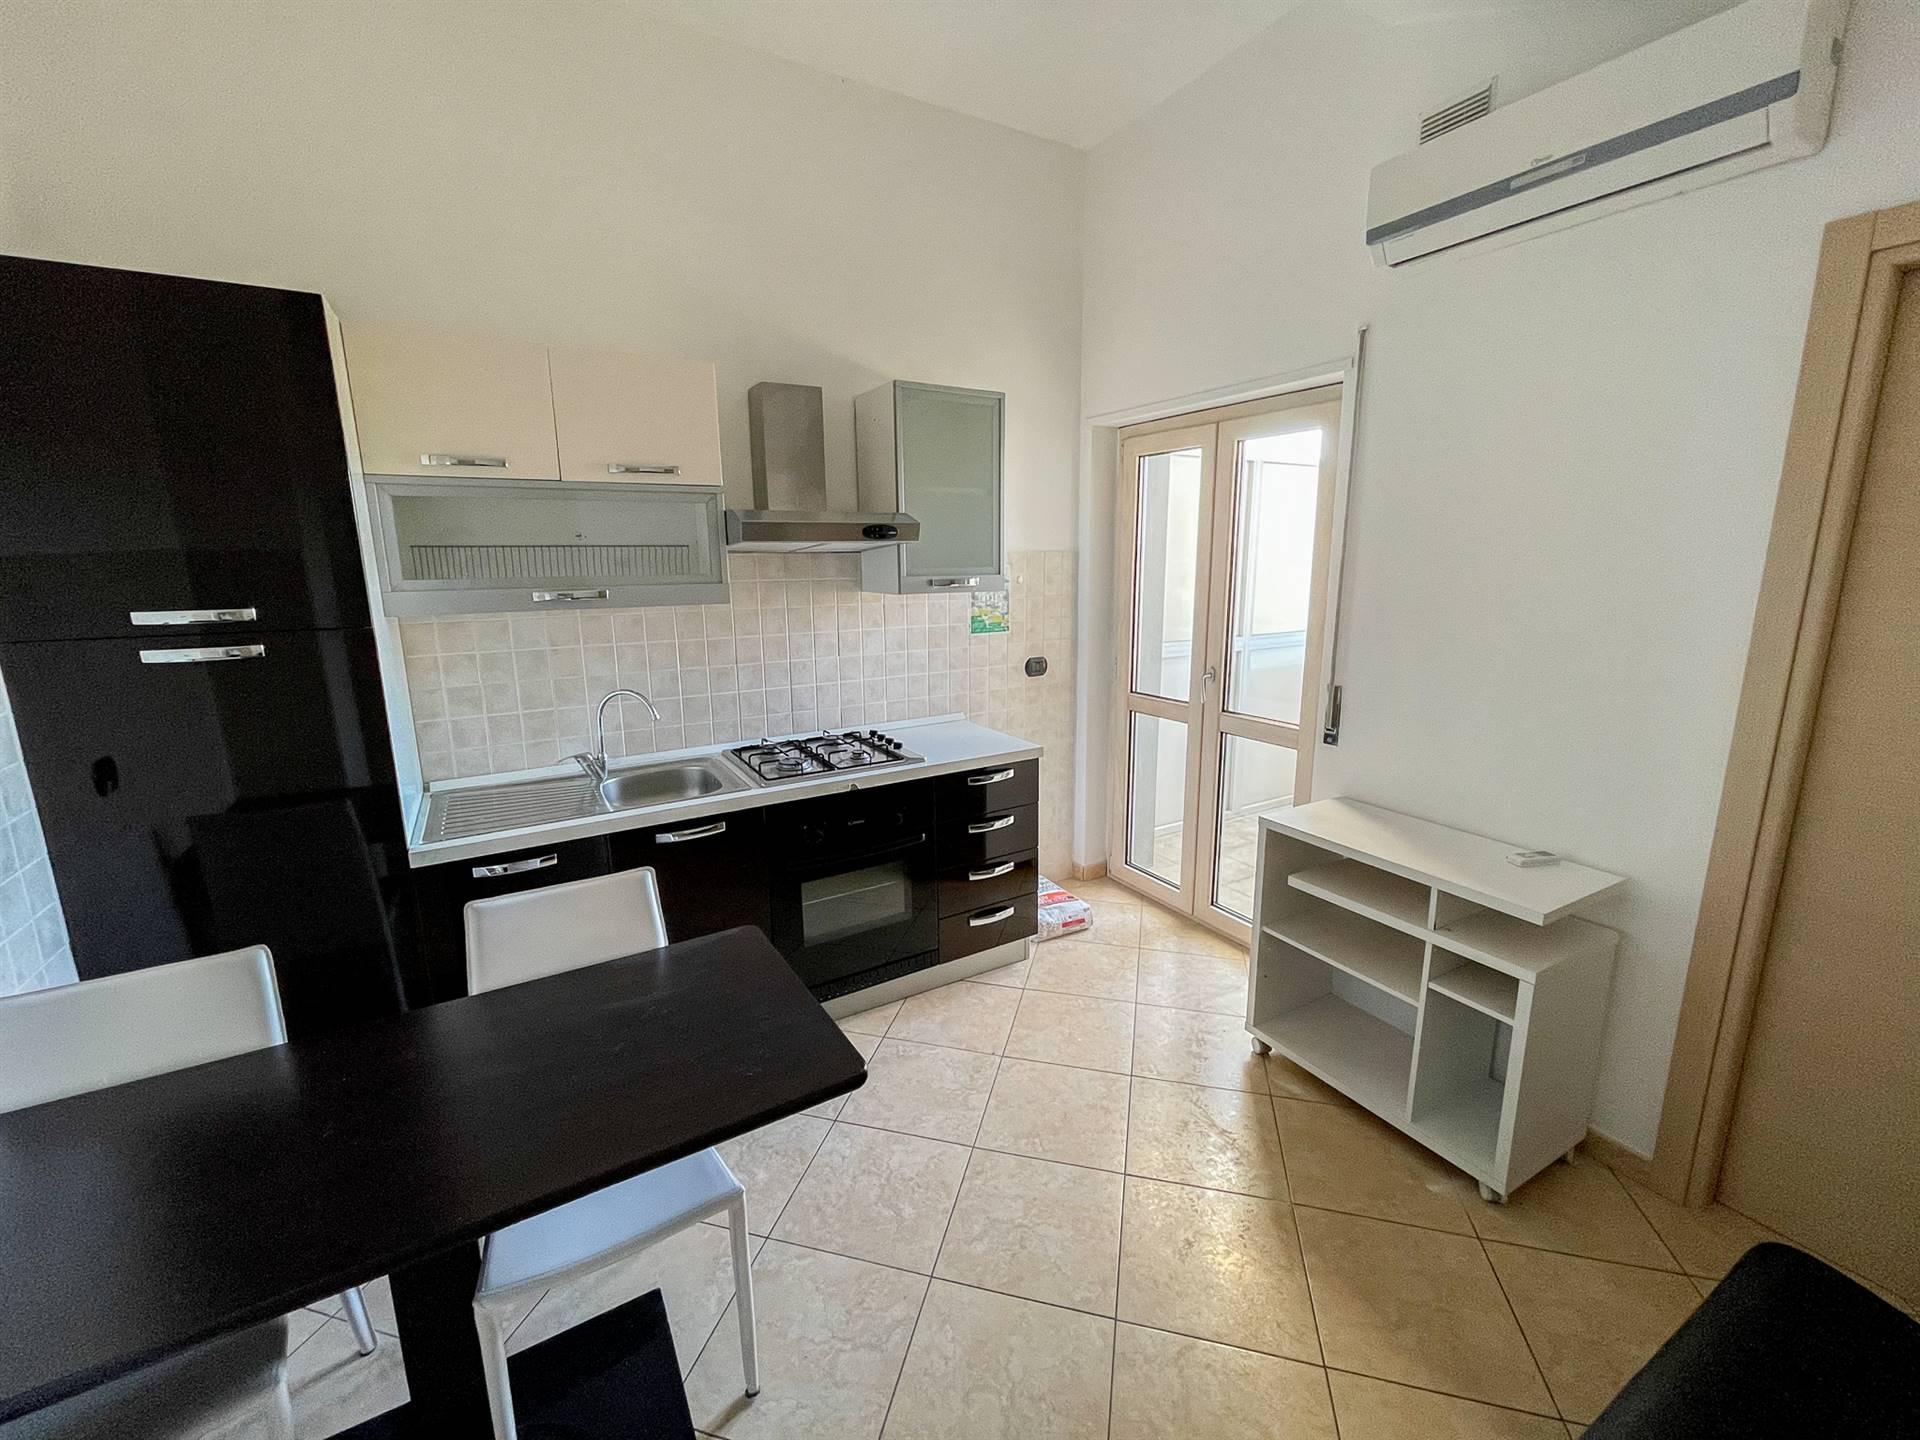 QUATTROMIGLIA, RENDE, Wohnung zur miete von 75 Qm, Halbneu, Heizung Unabhaengig, Energie-klasse: B, am boden 6° auf 6, zusammengestellt von: 4 Raume,